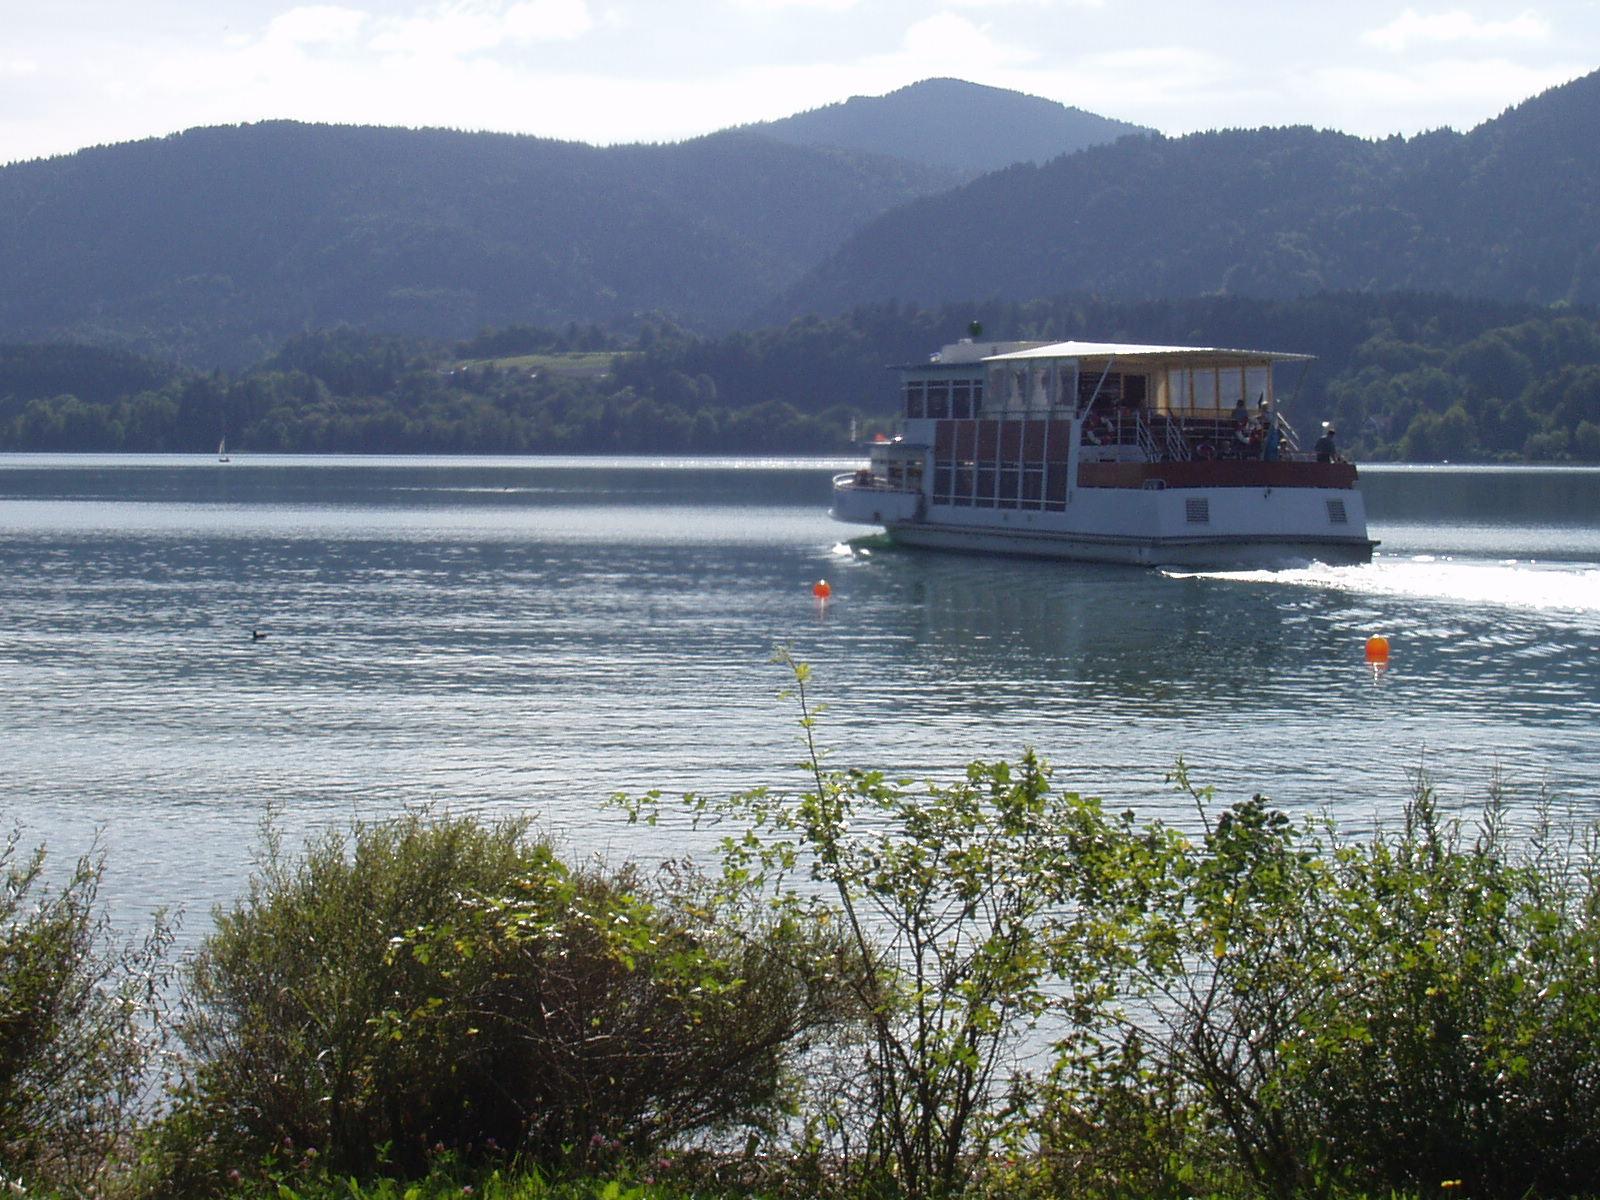 Greinhof Birkenstein - Schifffahrt am Tegernsee